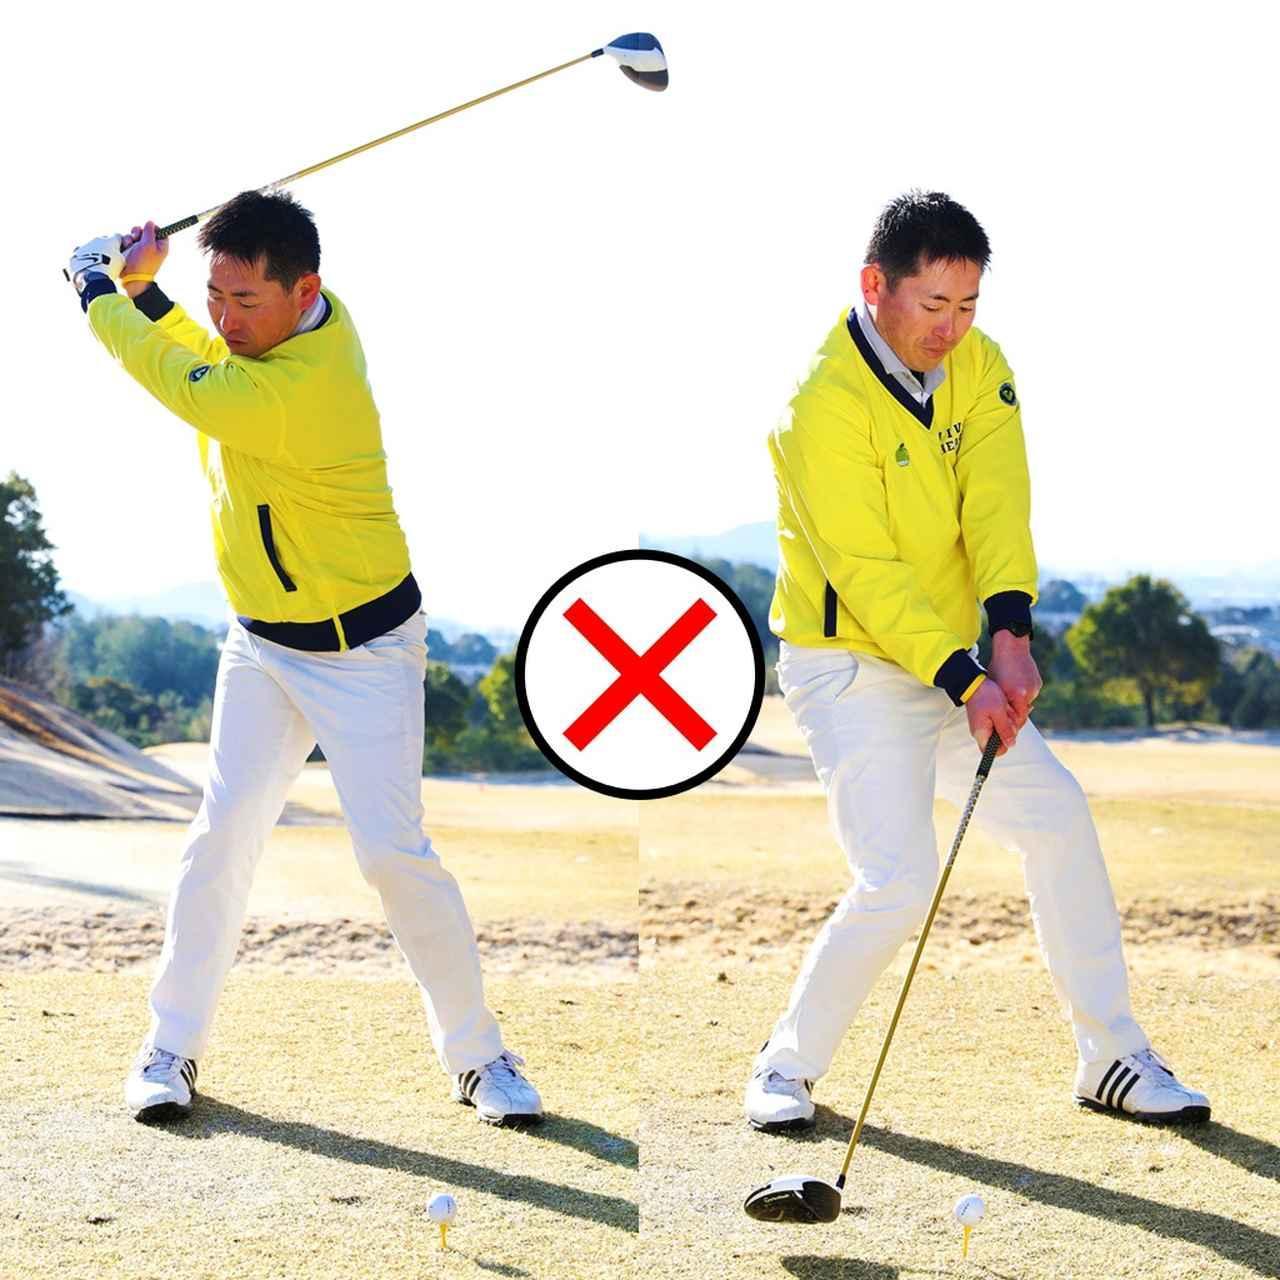 画像: ダウンからインパクトにかけて左足へ重心を上手く移動できず、右足寄りの重心で体を回転させてしまうため、左腰が引けてカット軌道になりスライスしてしまう